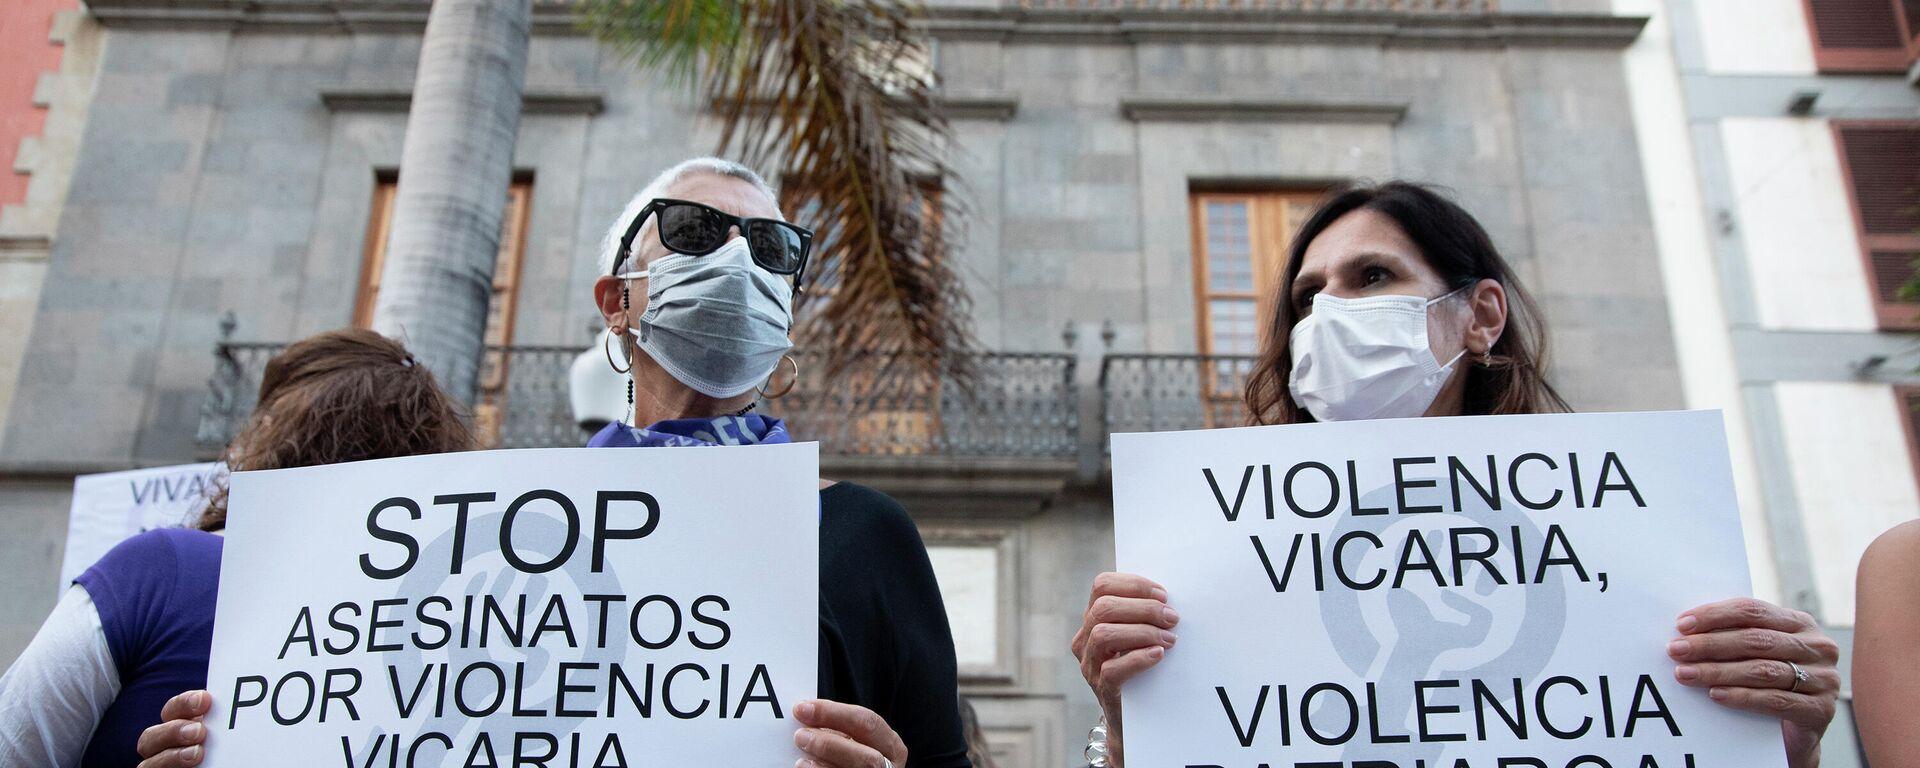 Concentración contra todos los feminicidios en Santa Cruz de Tenerife, a raíz del descubrimiento del cadáver de Olivia - Sputnik Mundo, 1920, 14.06.2021